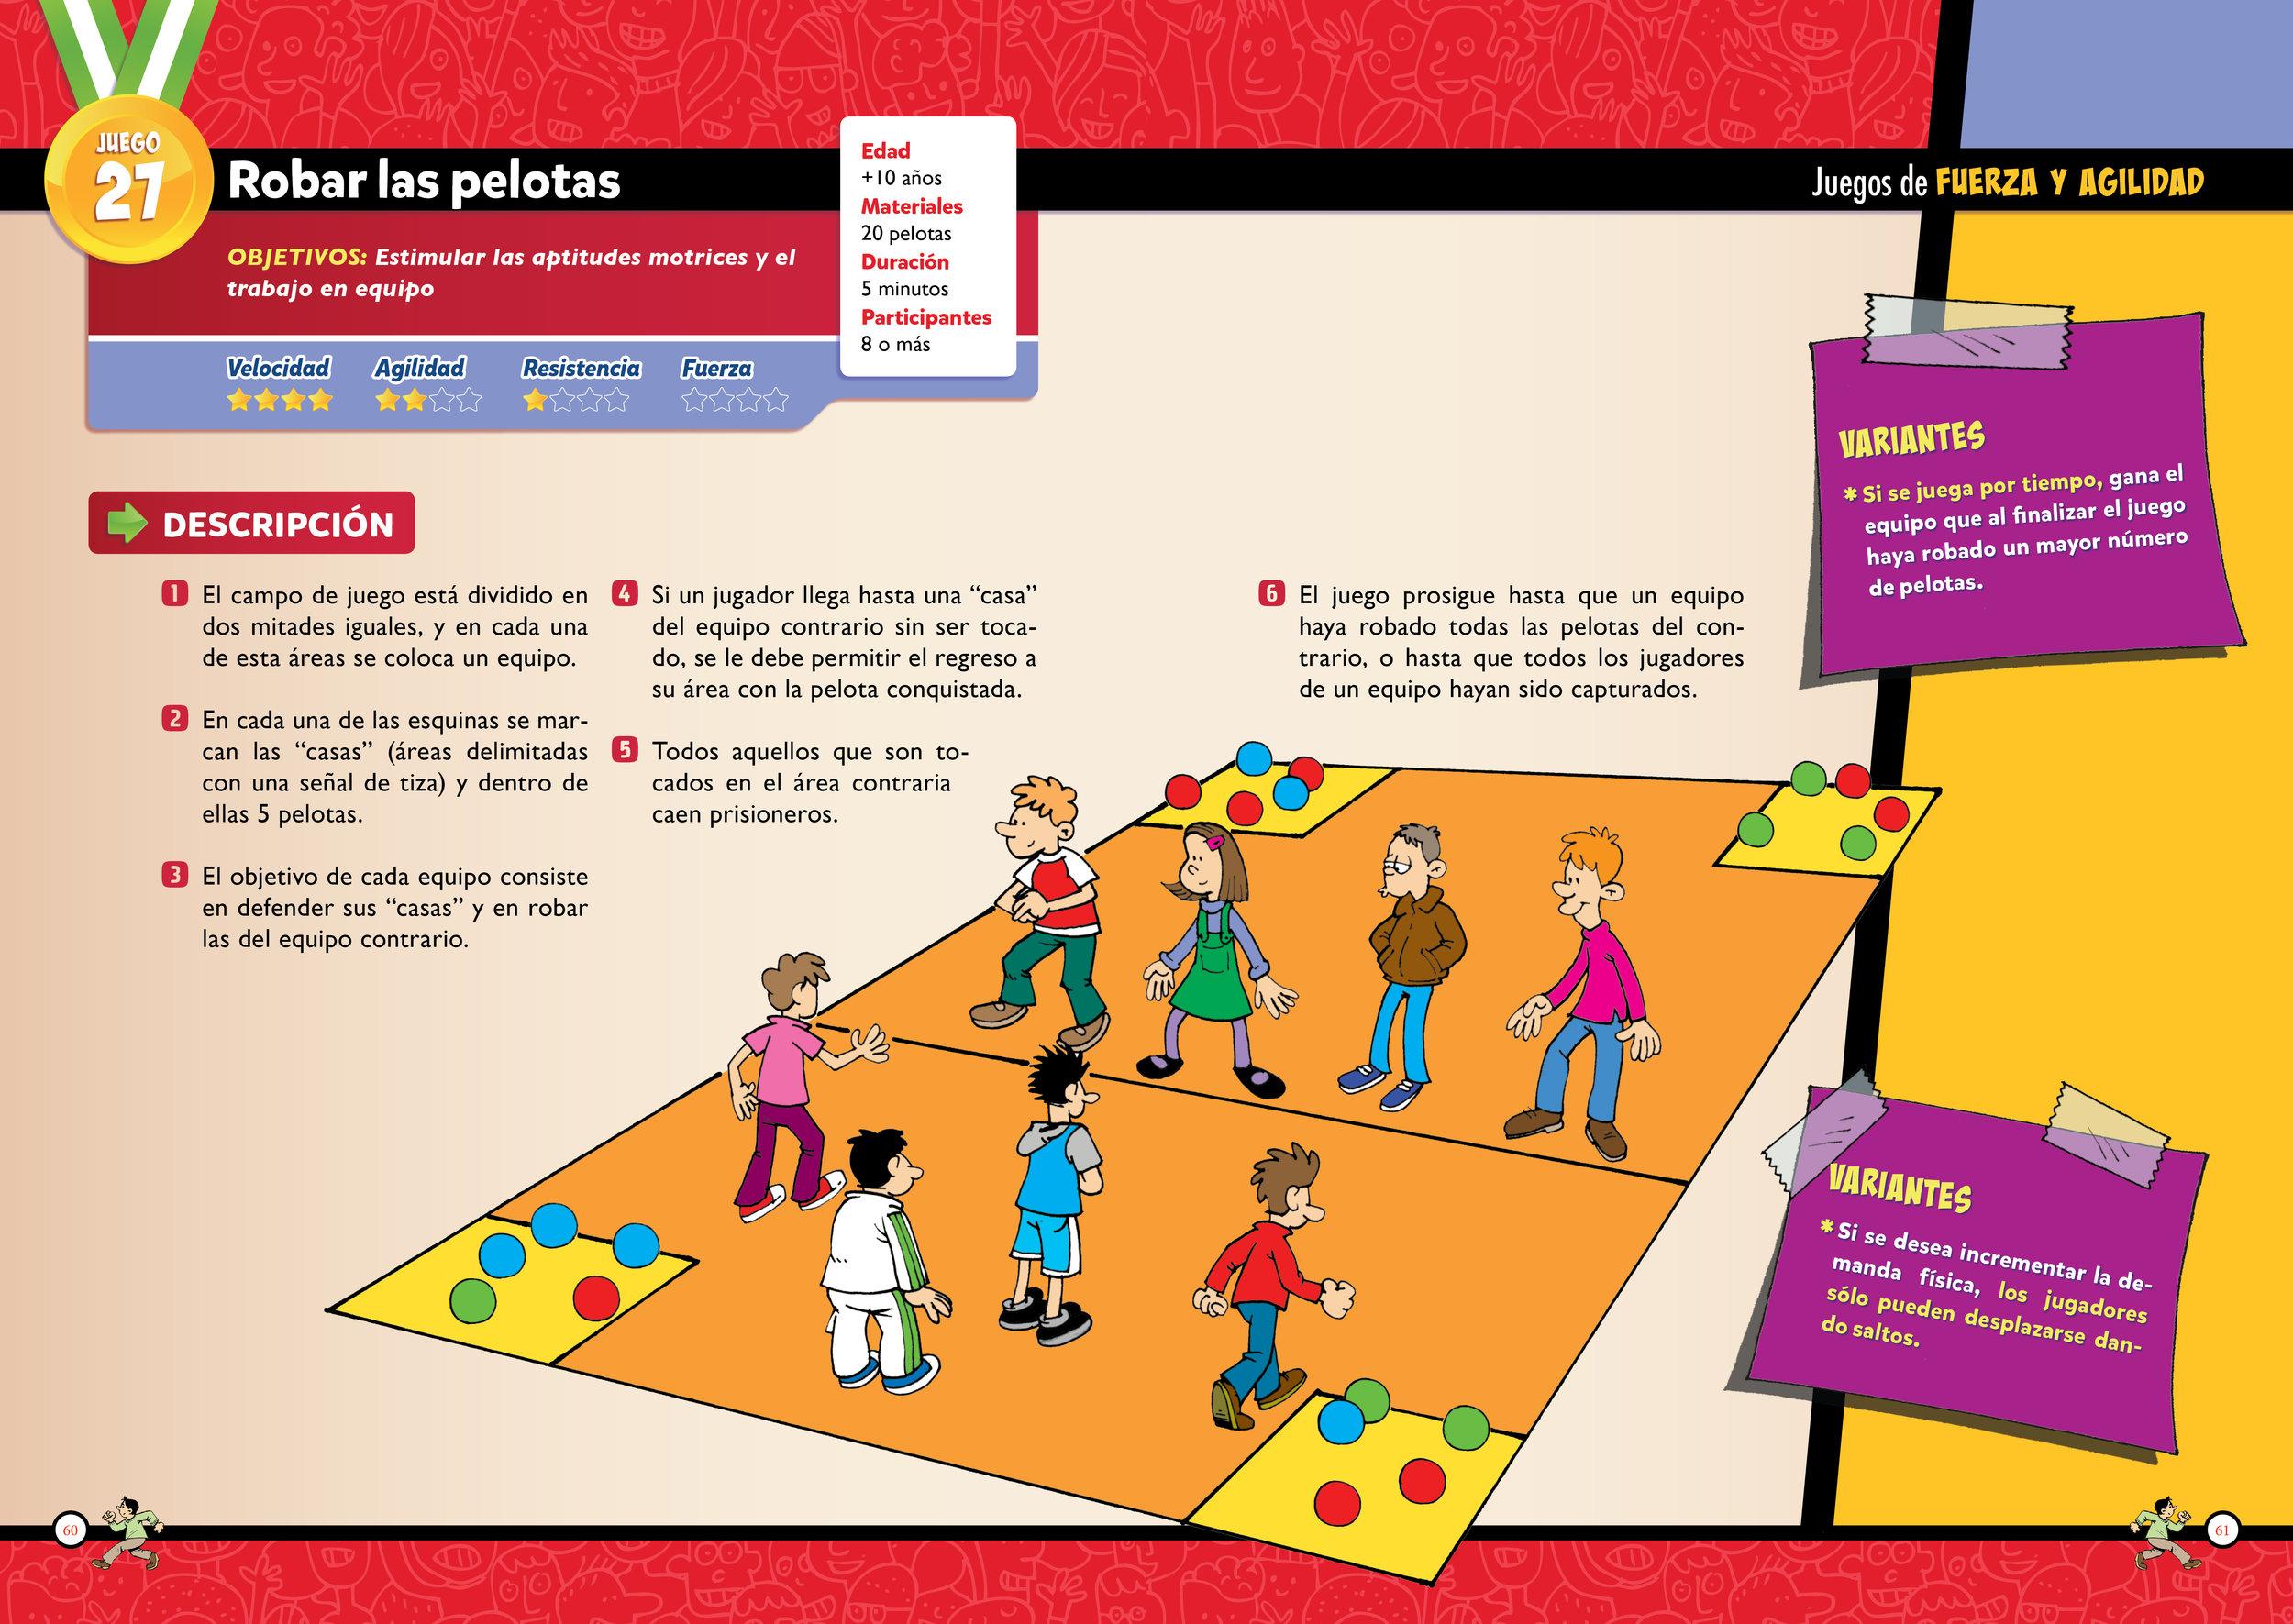 Juegos_EDUCACION_FISICA33.jpg